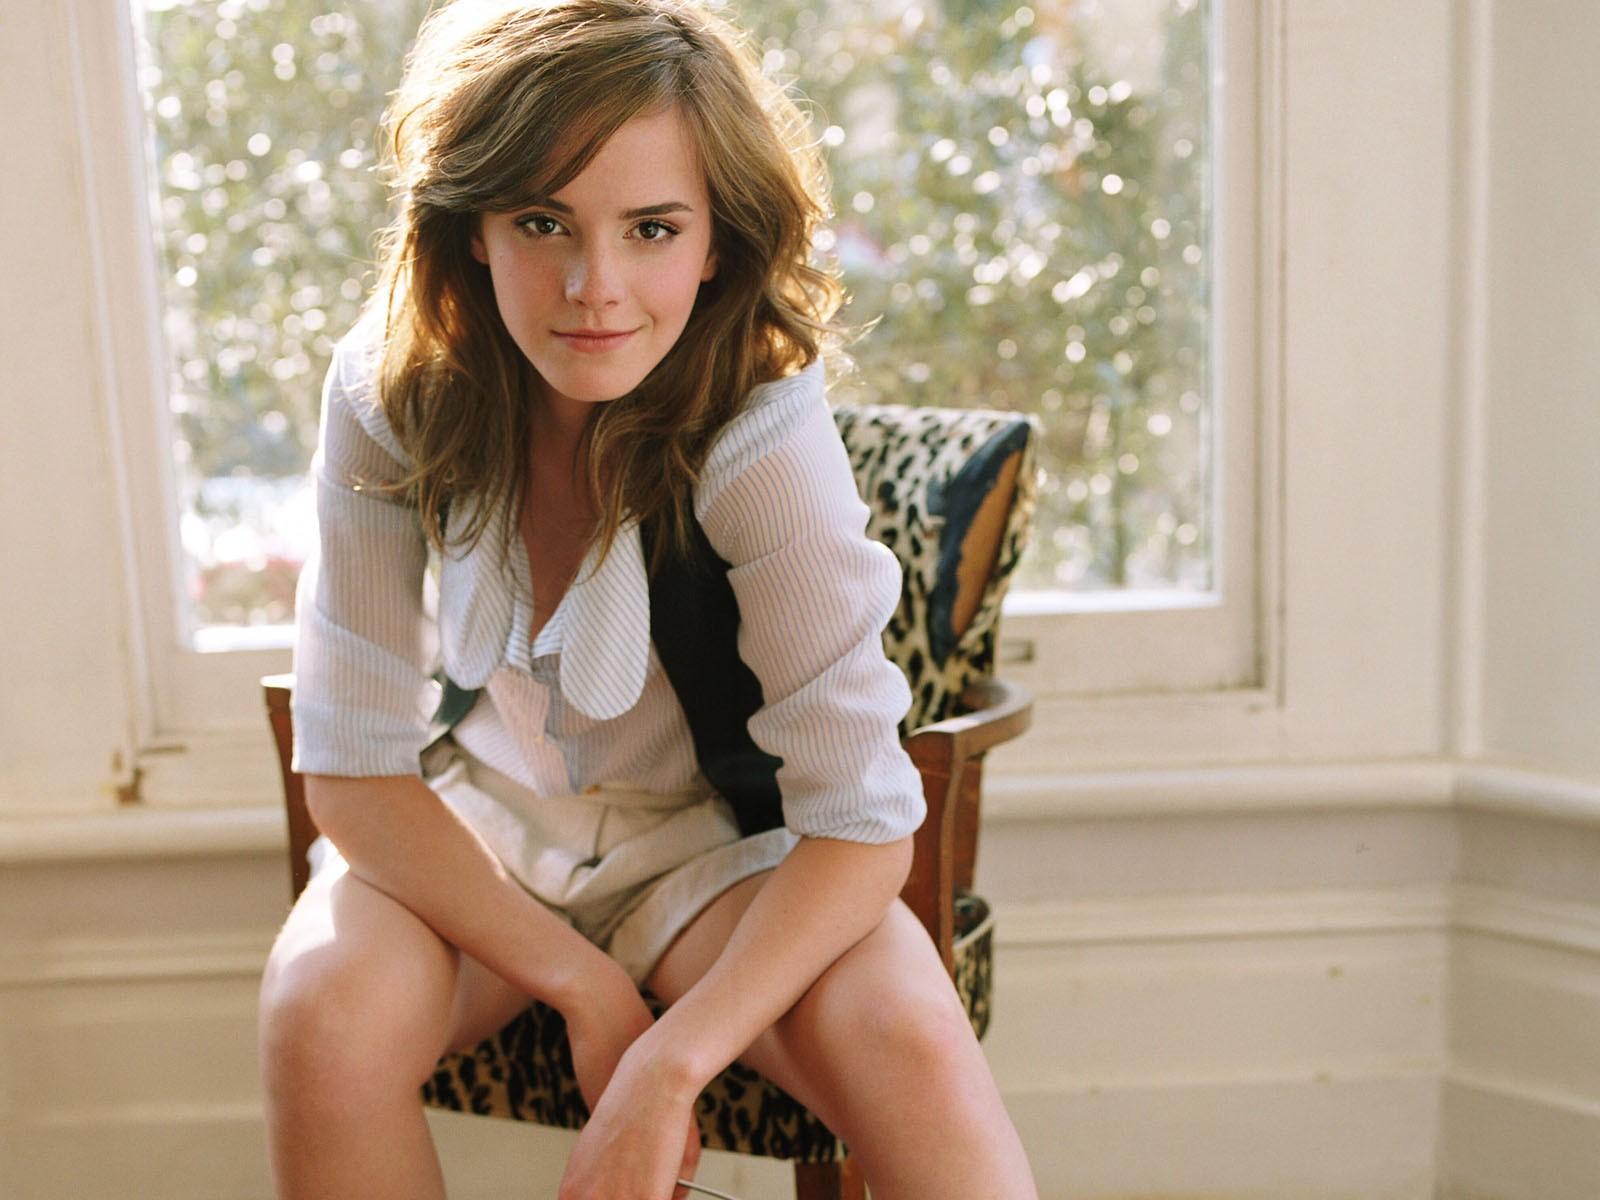 Pink Ruffle Top And Tight Tiny Skirt Of Beautiful Emma Watson Lying